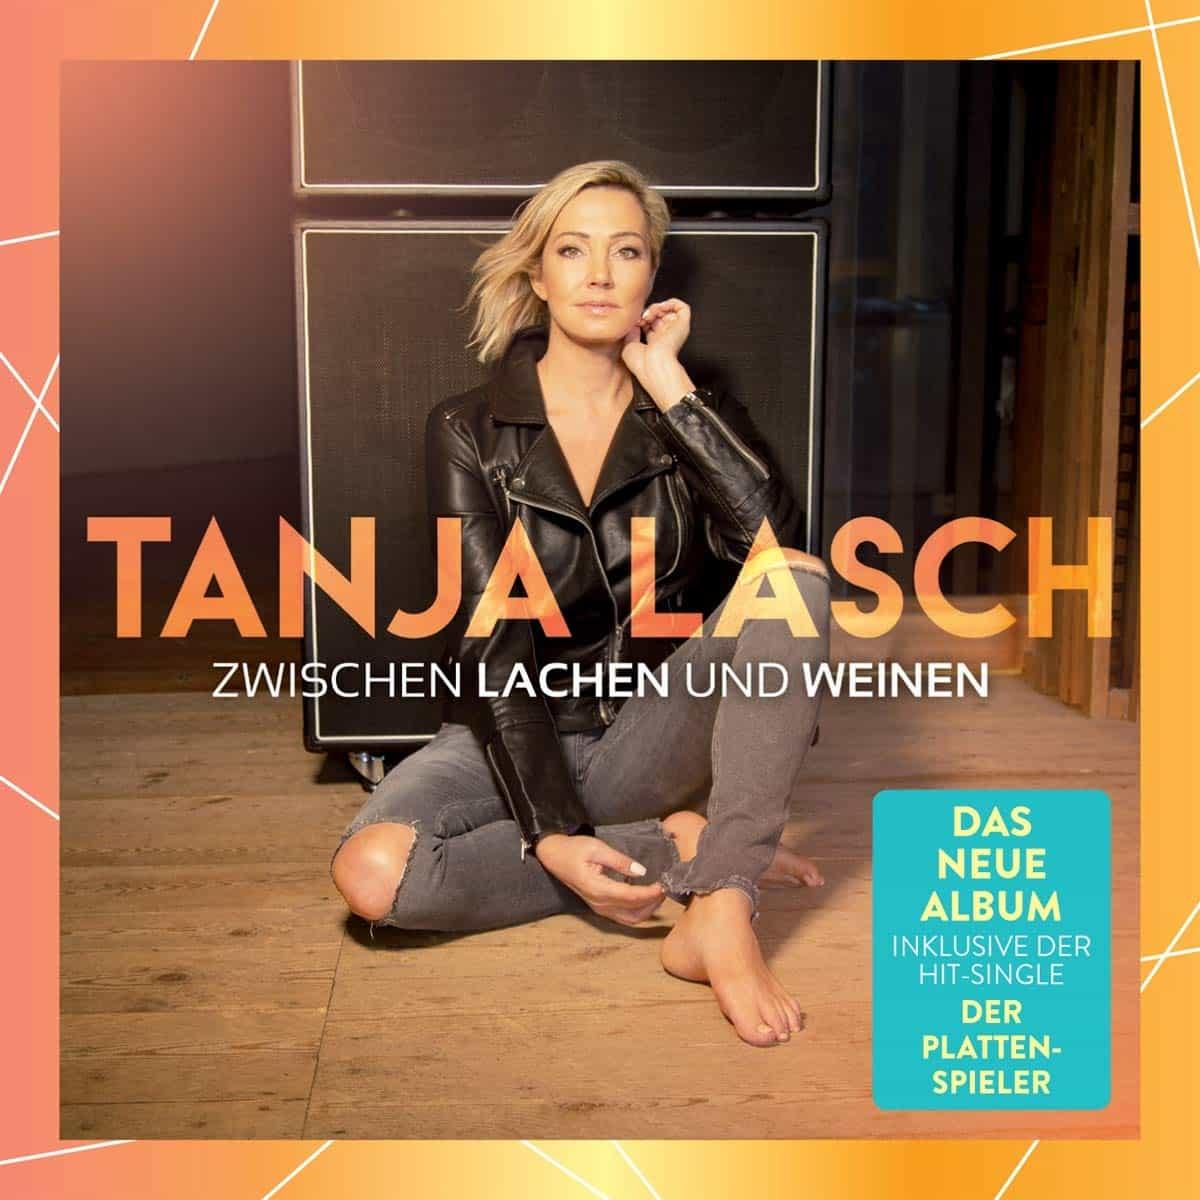 Tanja Lasch veröffentlicht neue Schlager-CD Zwischen Lachen und Weinen